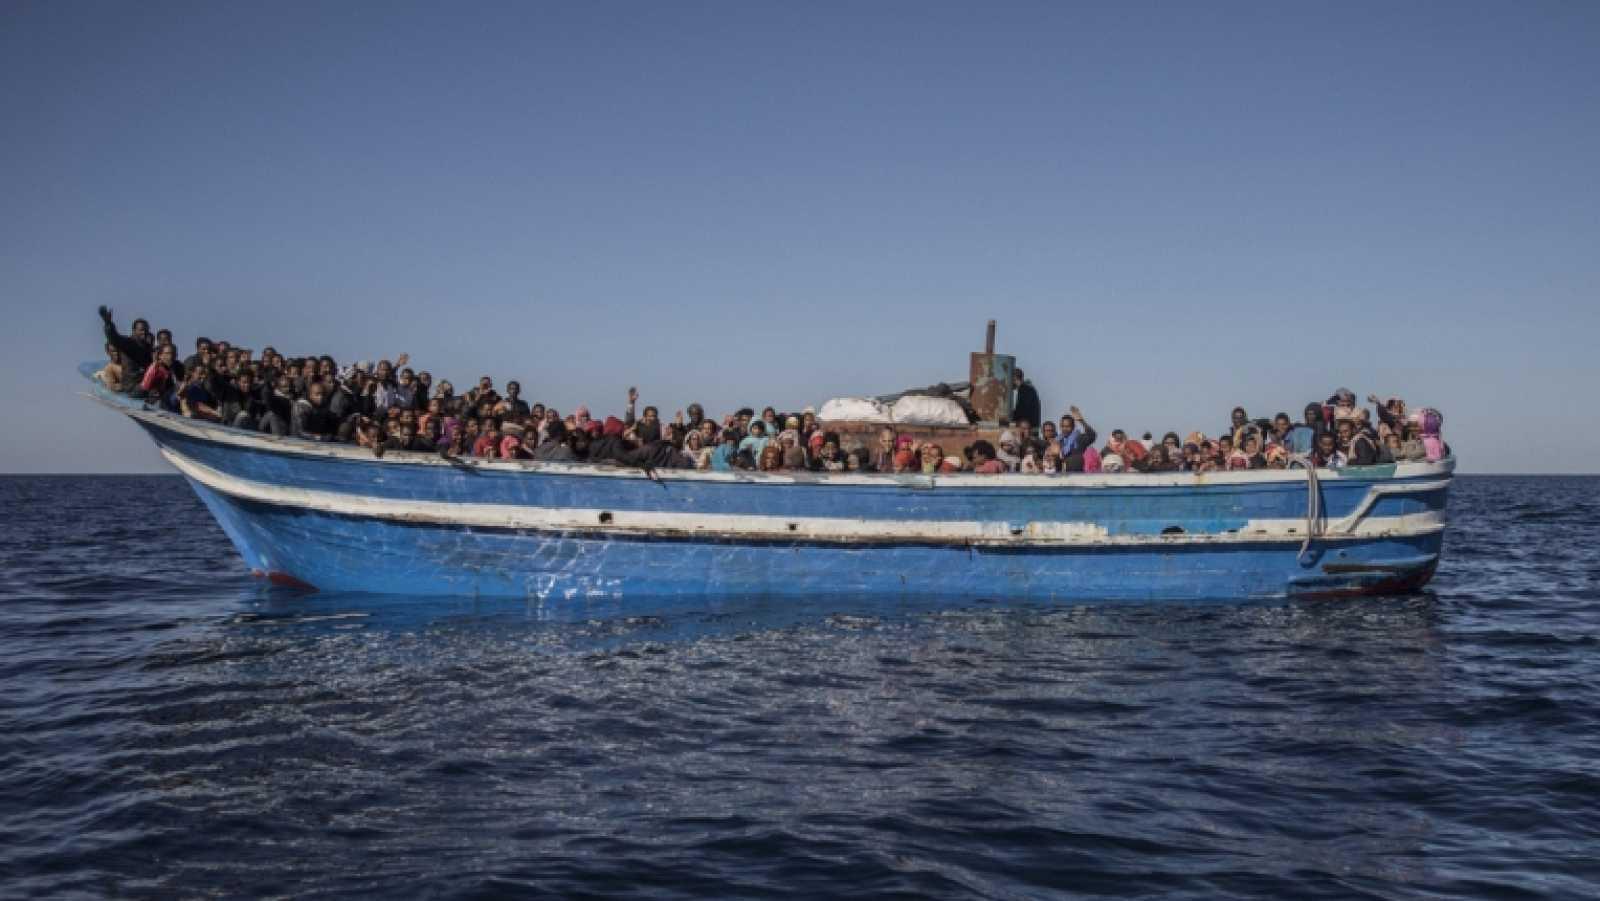 África hoy - 'Cartas mojadas', el documental que muestra el viaje del Open Arms hasta Libia - escuchar ahora